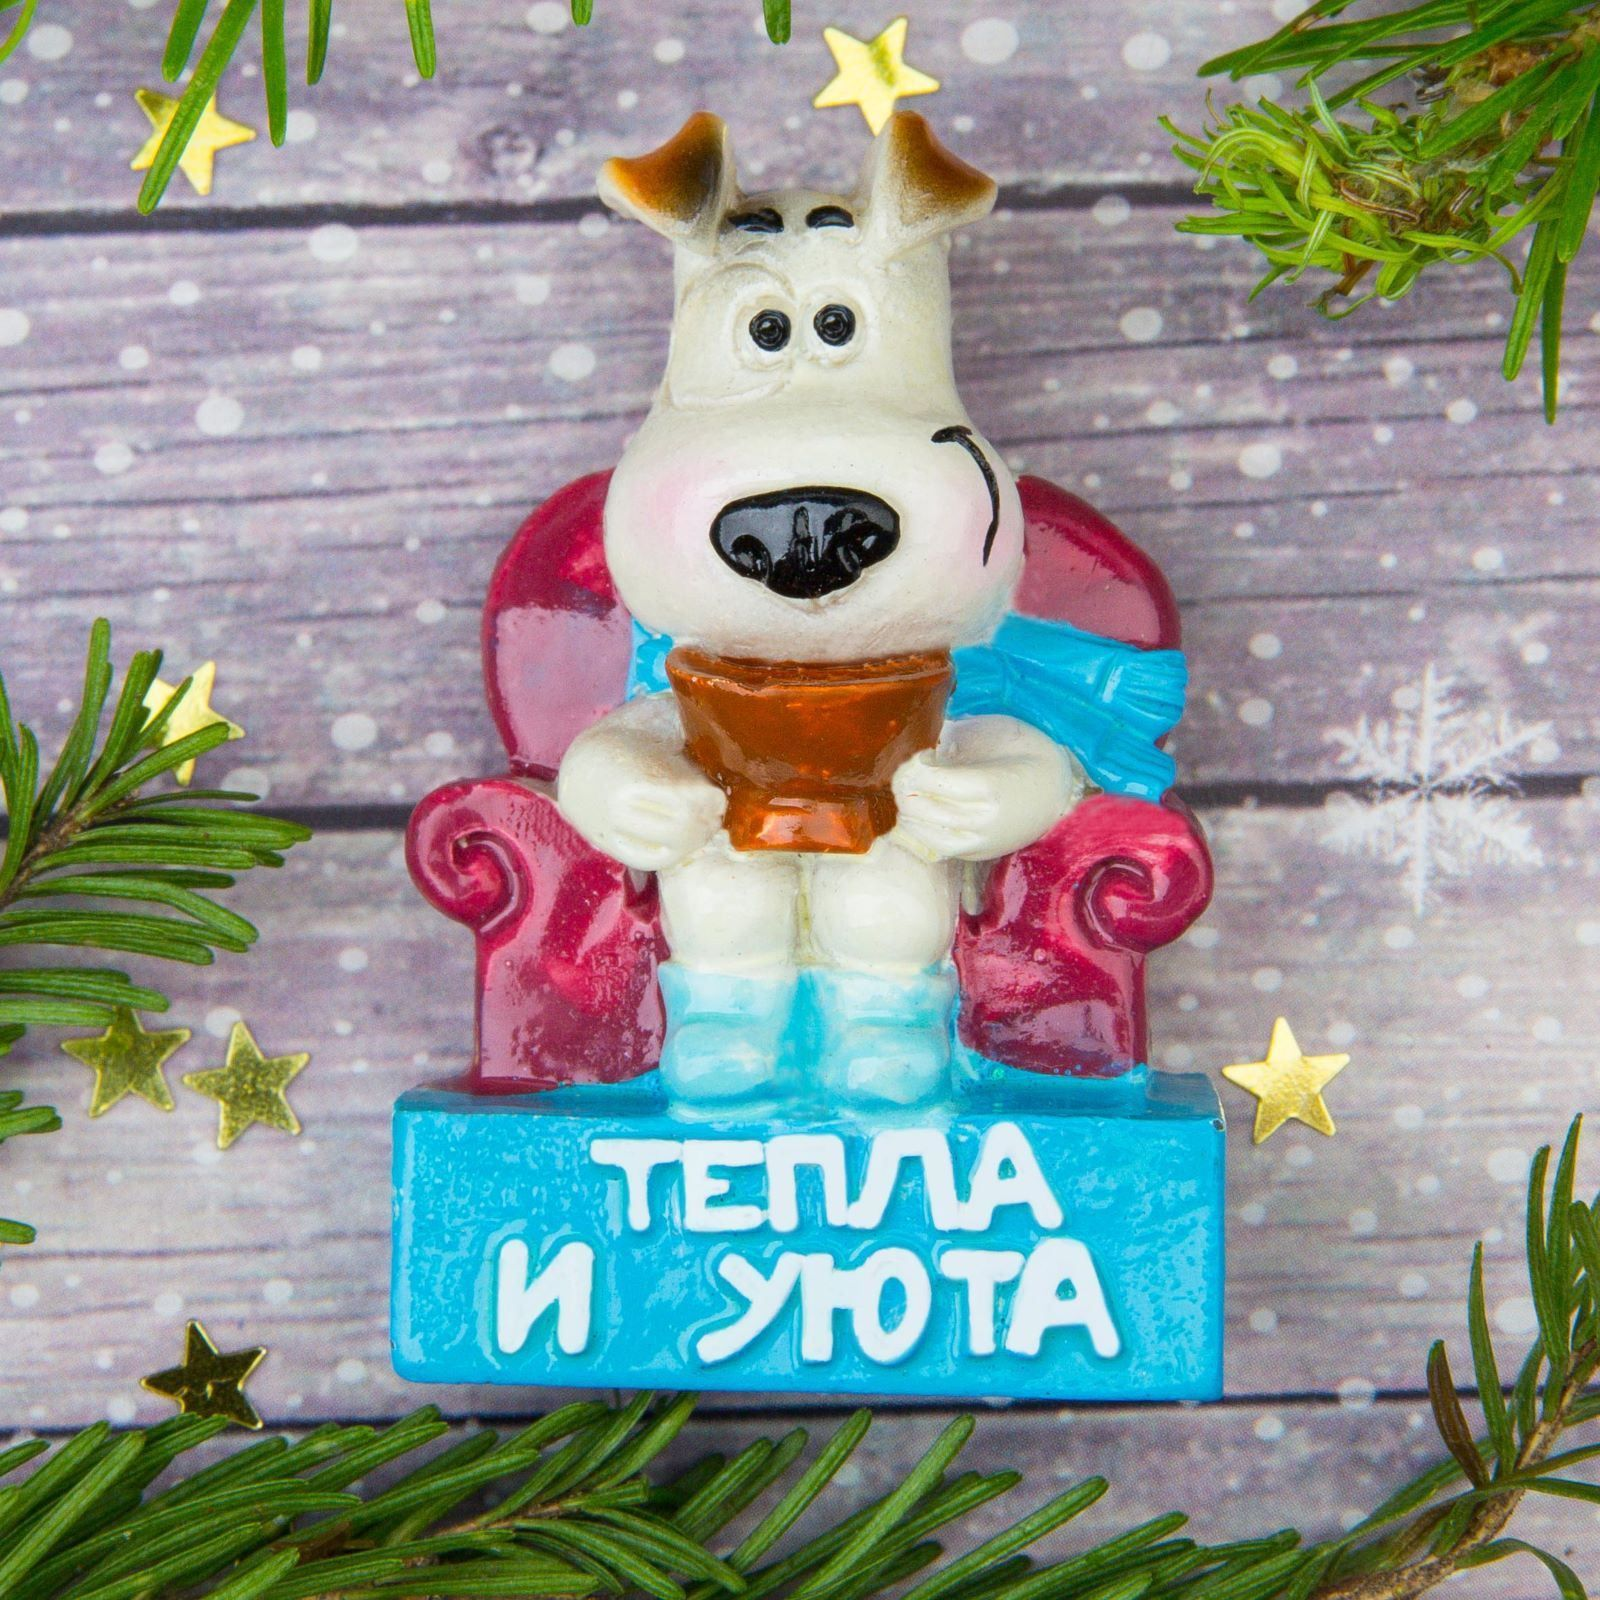 Магнит Sima-land Тепла и уюта, 5 х 4 см1933269Порадуйте родных и близких оригинальным сувениром: преподнесите в подарок магнит. С ним даже самый серьёзный человек почувствует себя ребёнком, ожидающим чудо! Создайте праздничное настроение, и оно останется с вами на весь год.